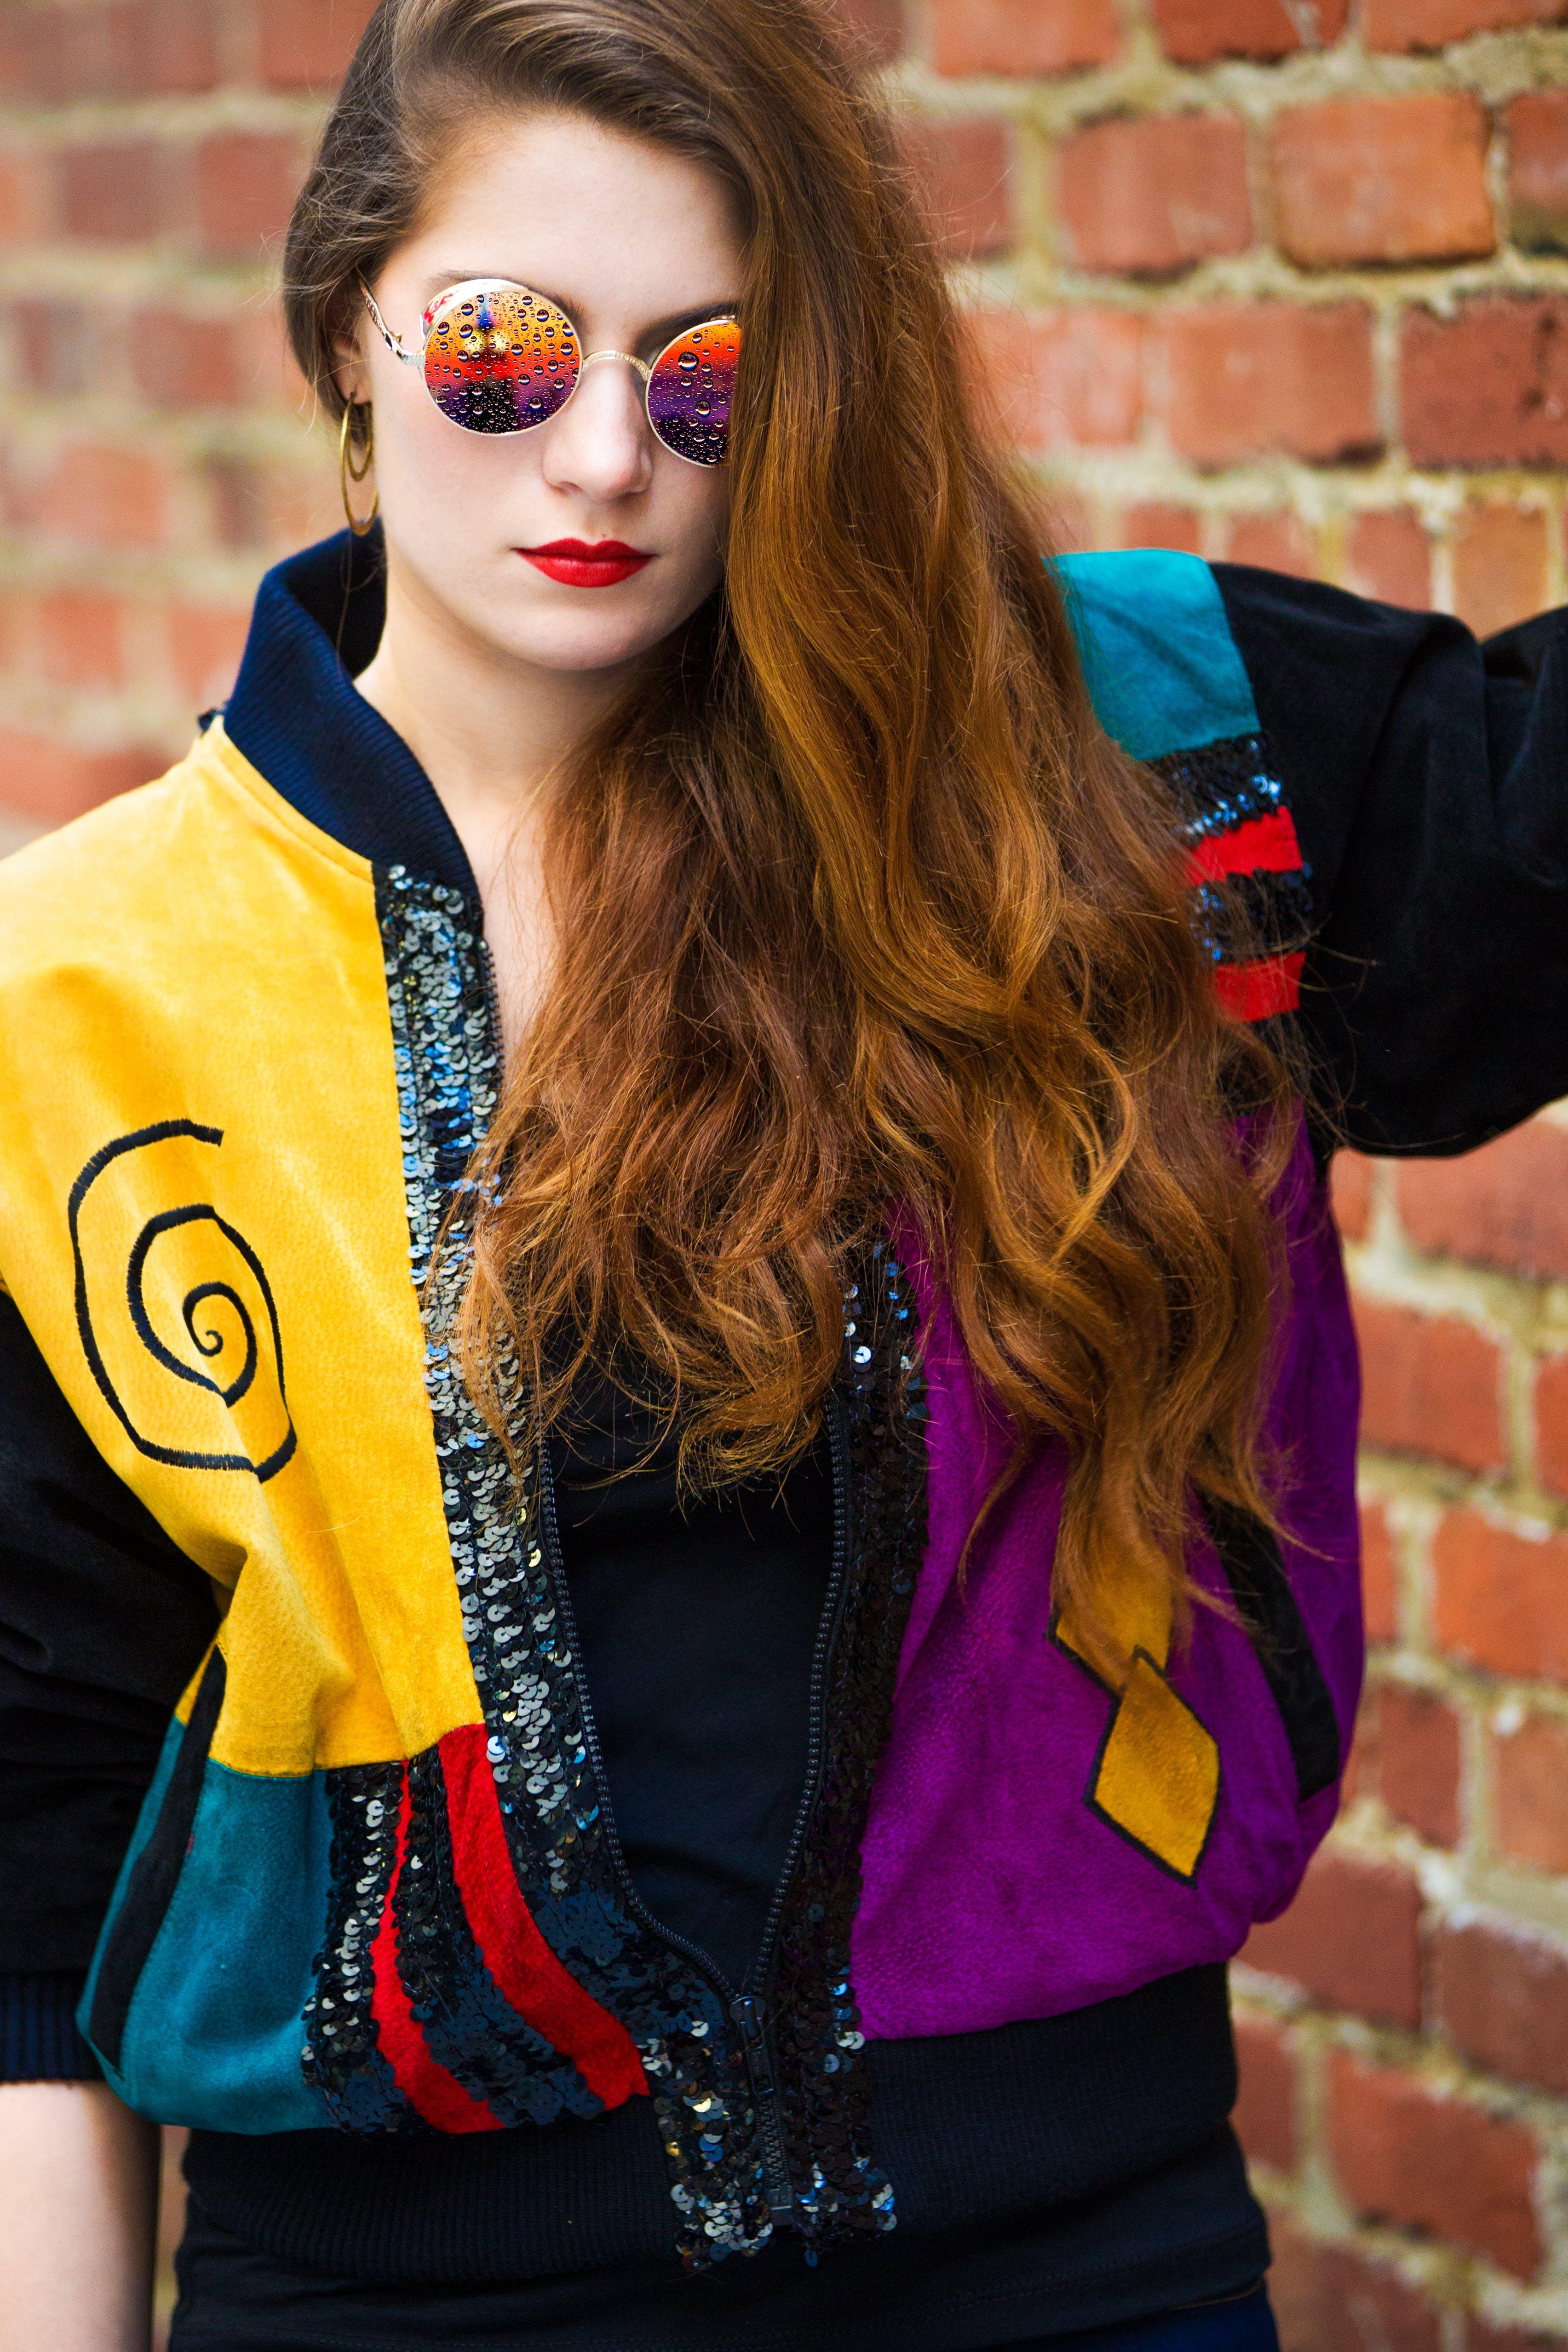 Gratis lagerfoto af mode, model